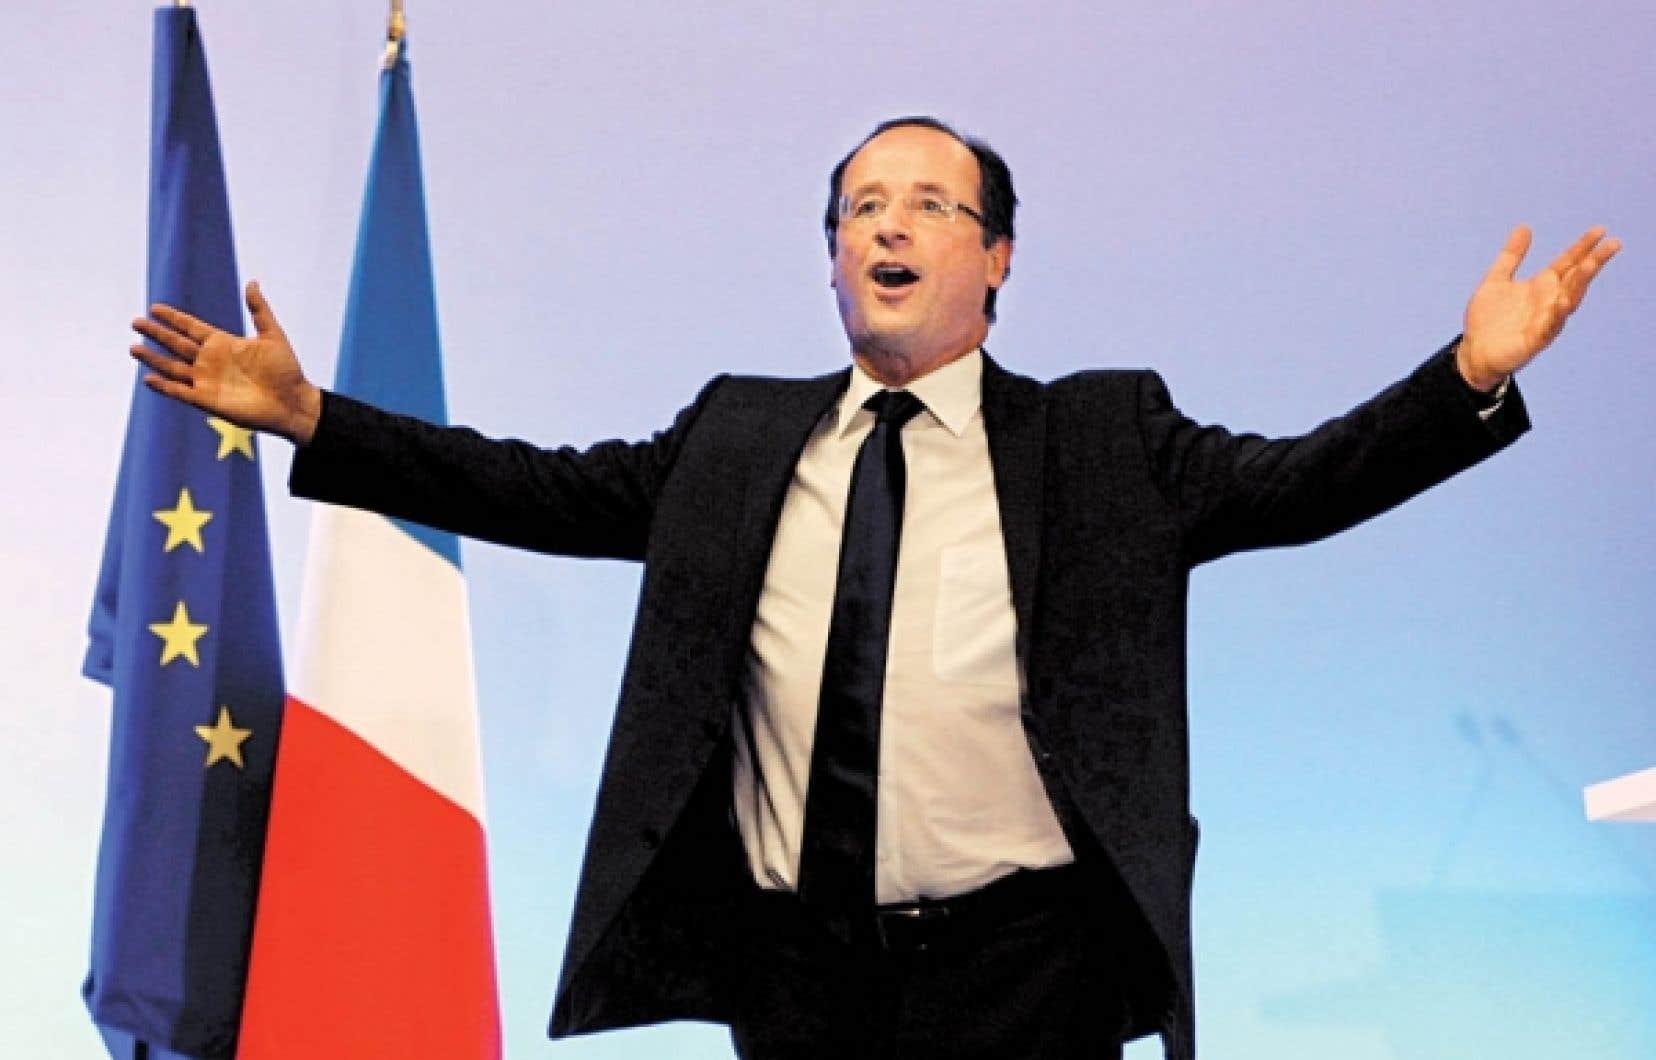 <div> À défaut de susciter l'enthousiasme, François Hollande pourra au moins avoir les coudées franches pour diriger les destinées de la France.</div>